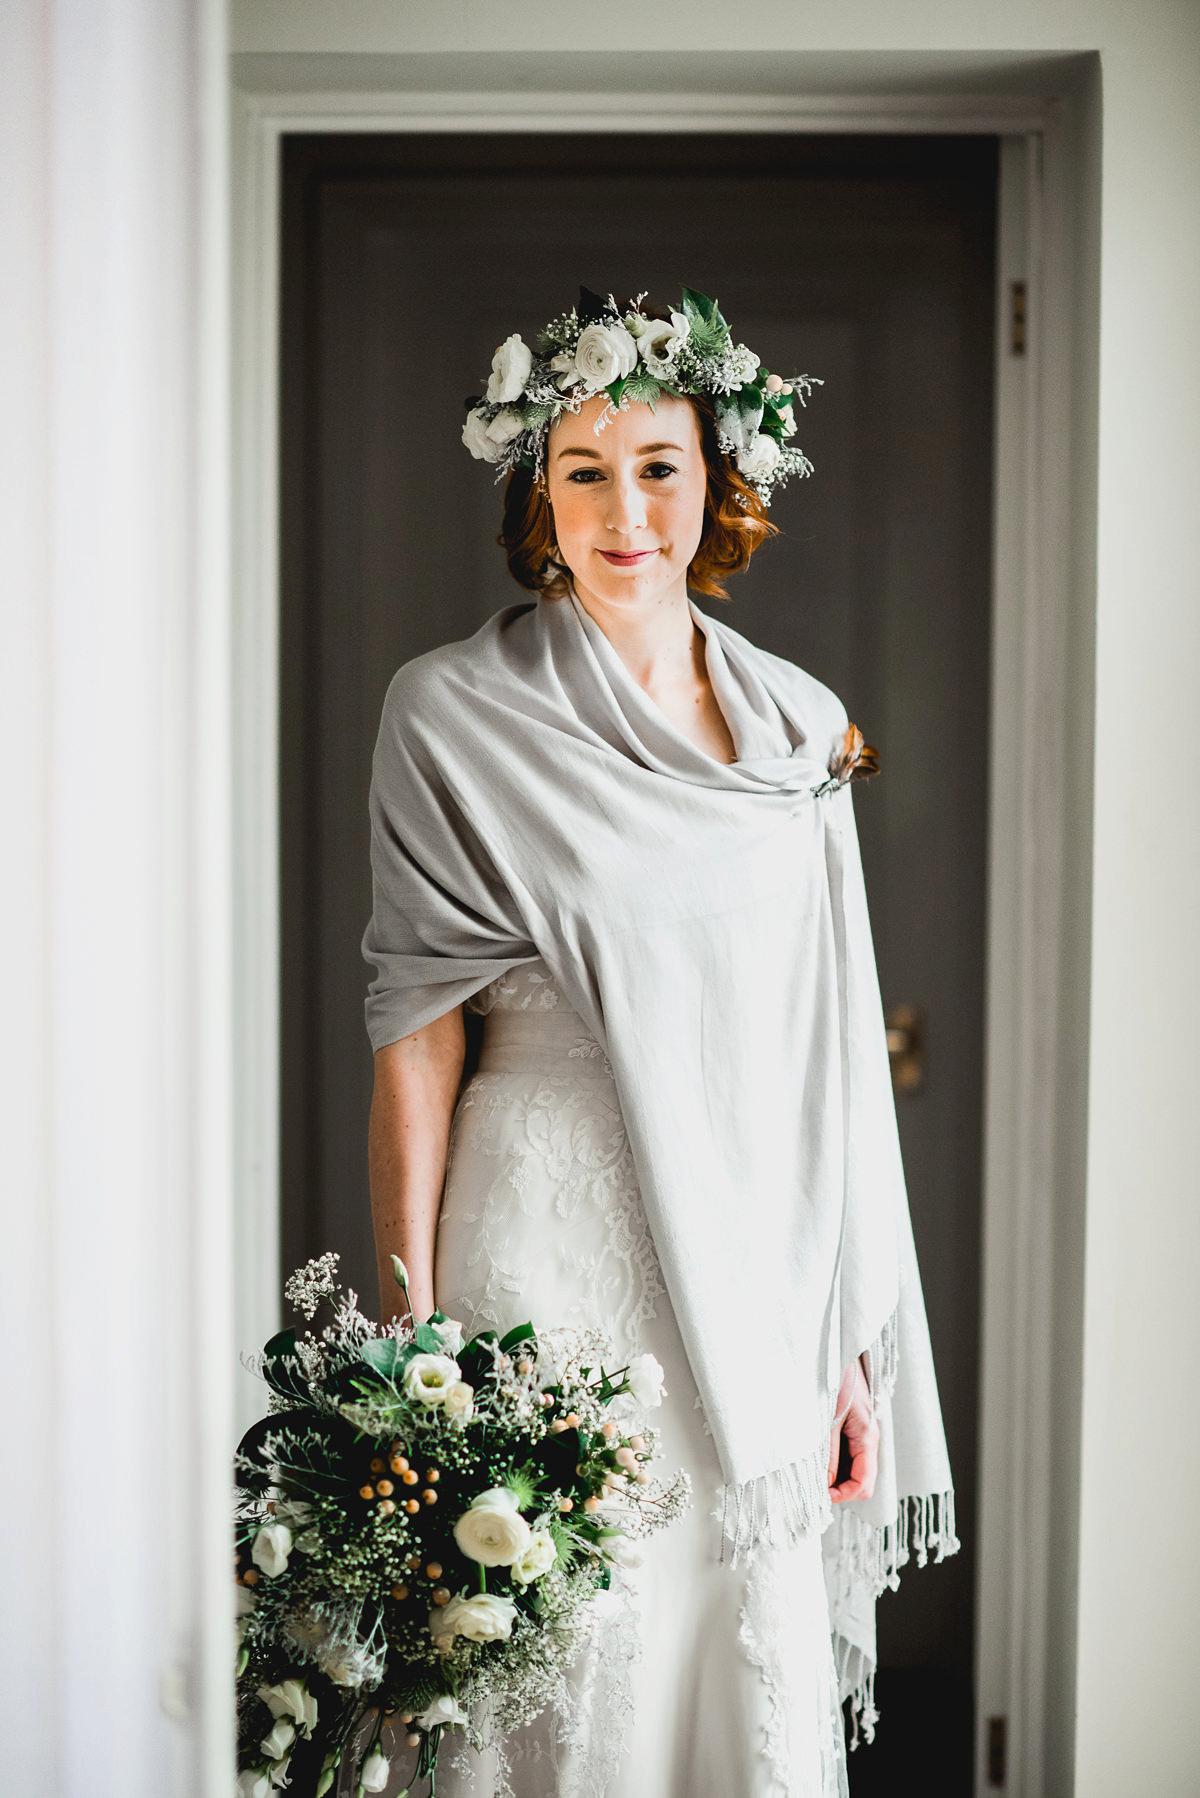 1940s Inspired Winter Wedding Dresses